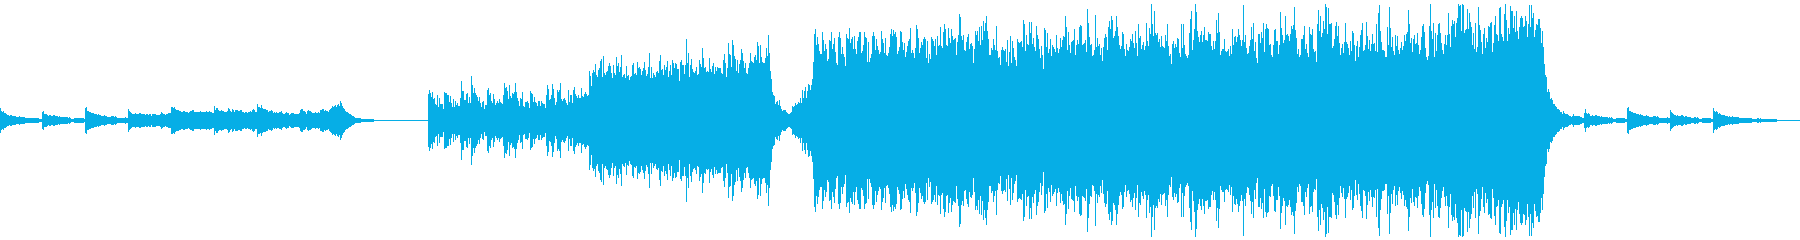 【予告編】トレーラー・ハリウッド・バトルの再生済みの波形